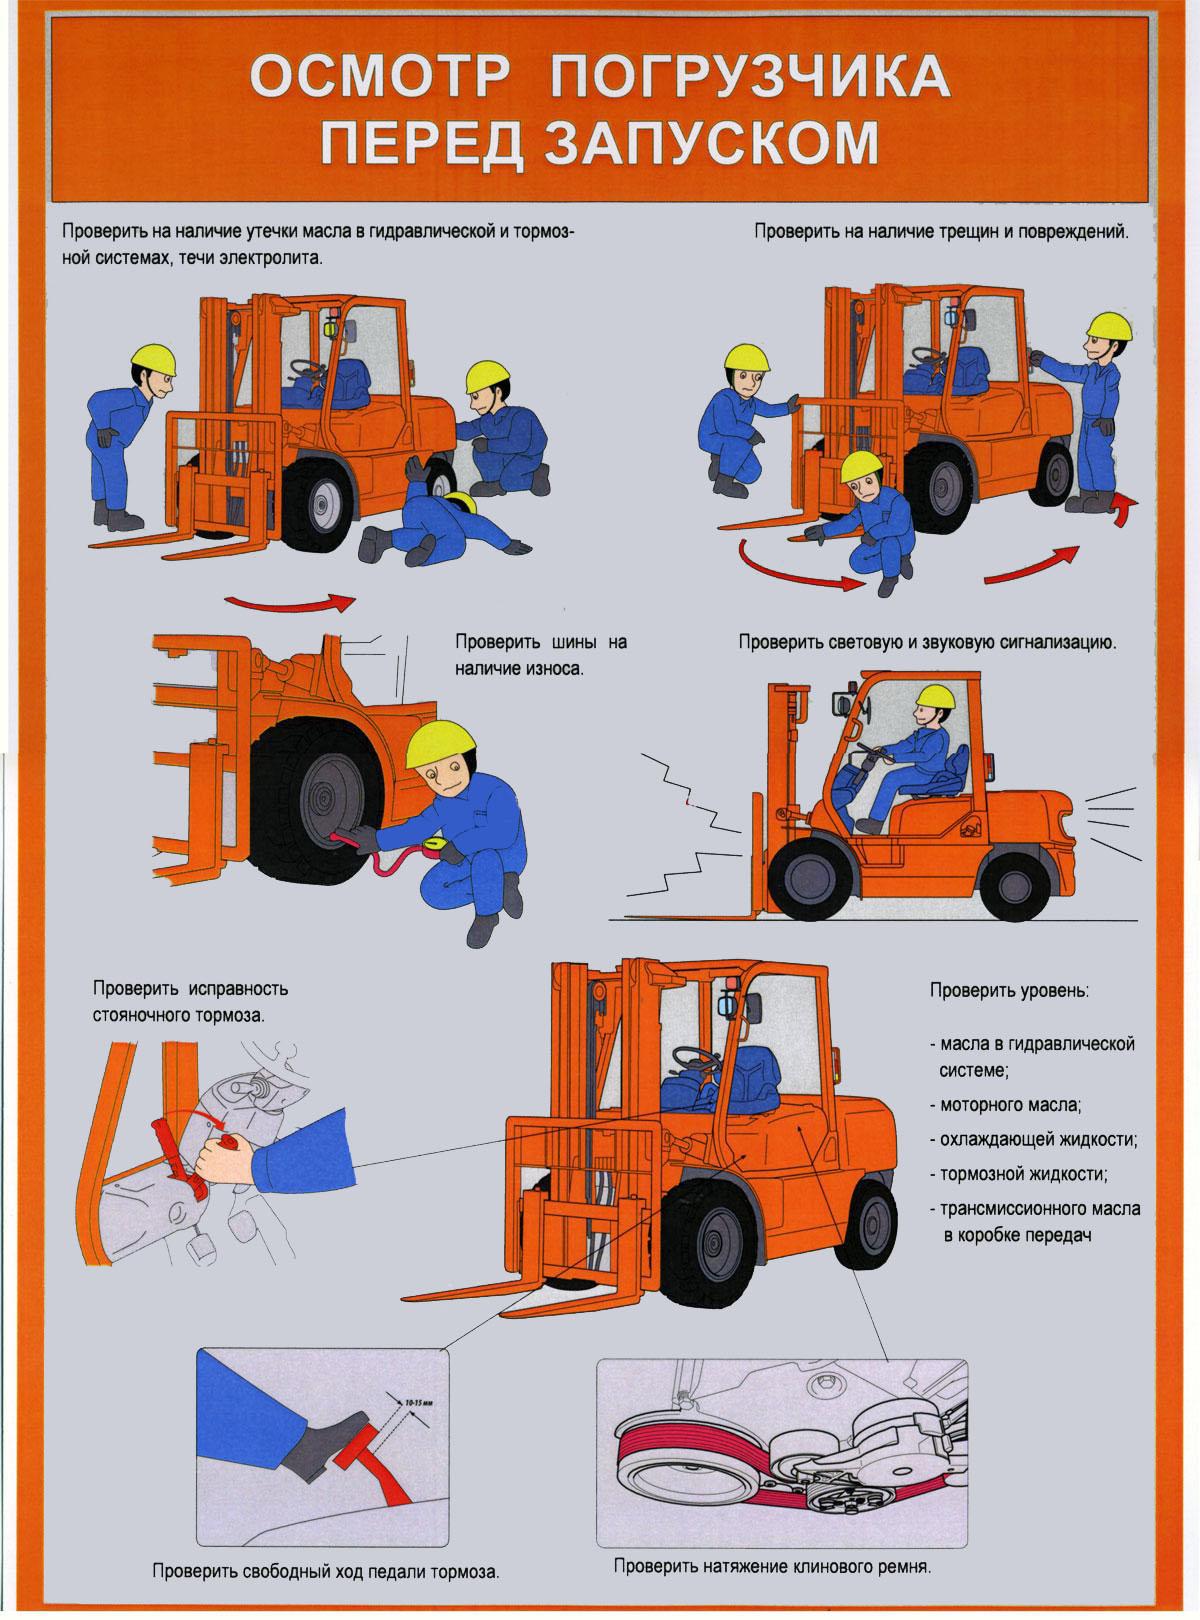 Инструкции по эксплуатации вилочного погрузчика